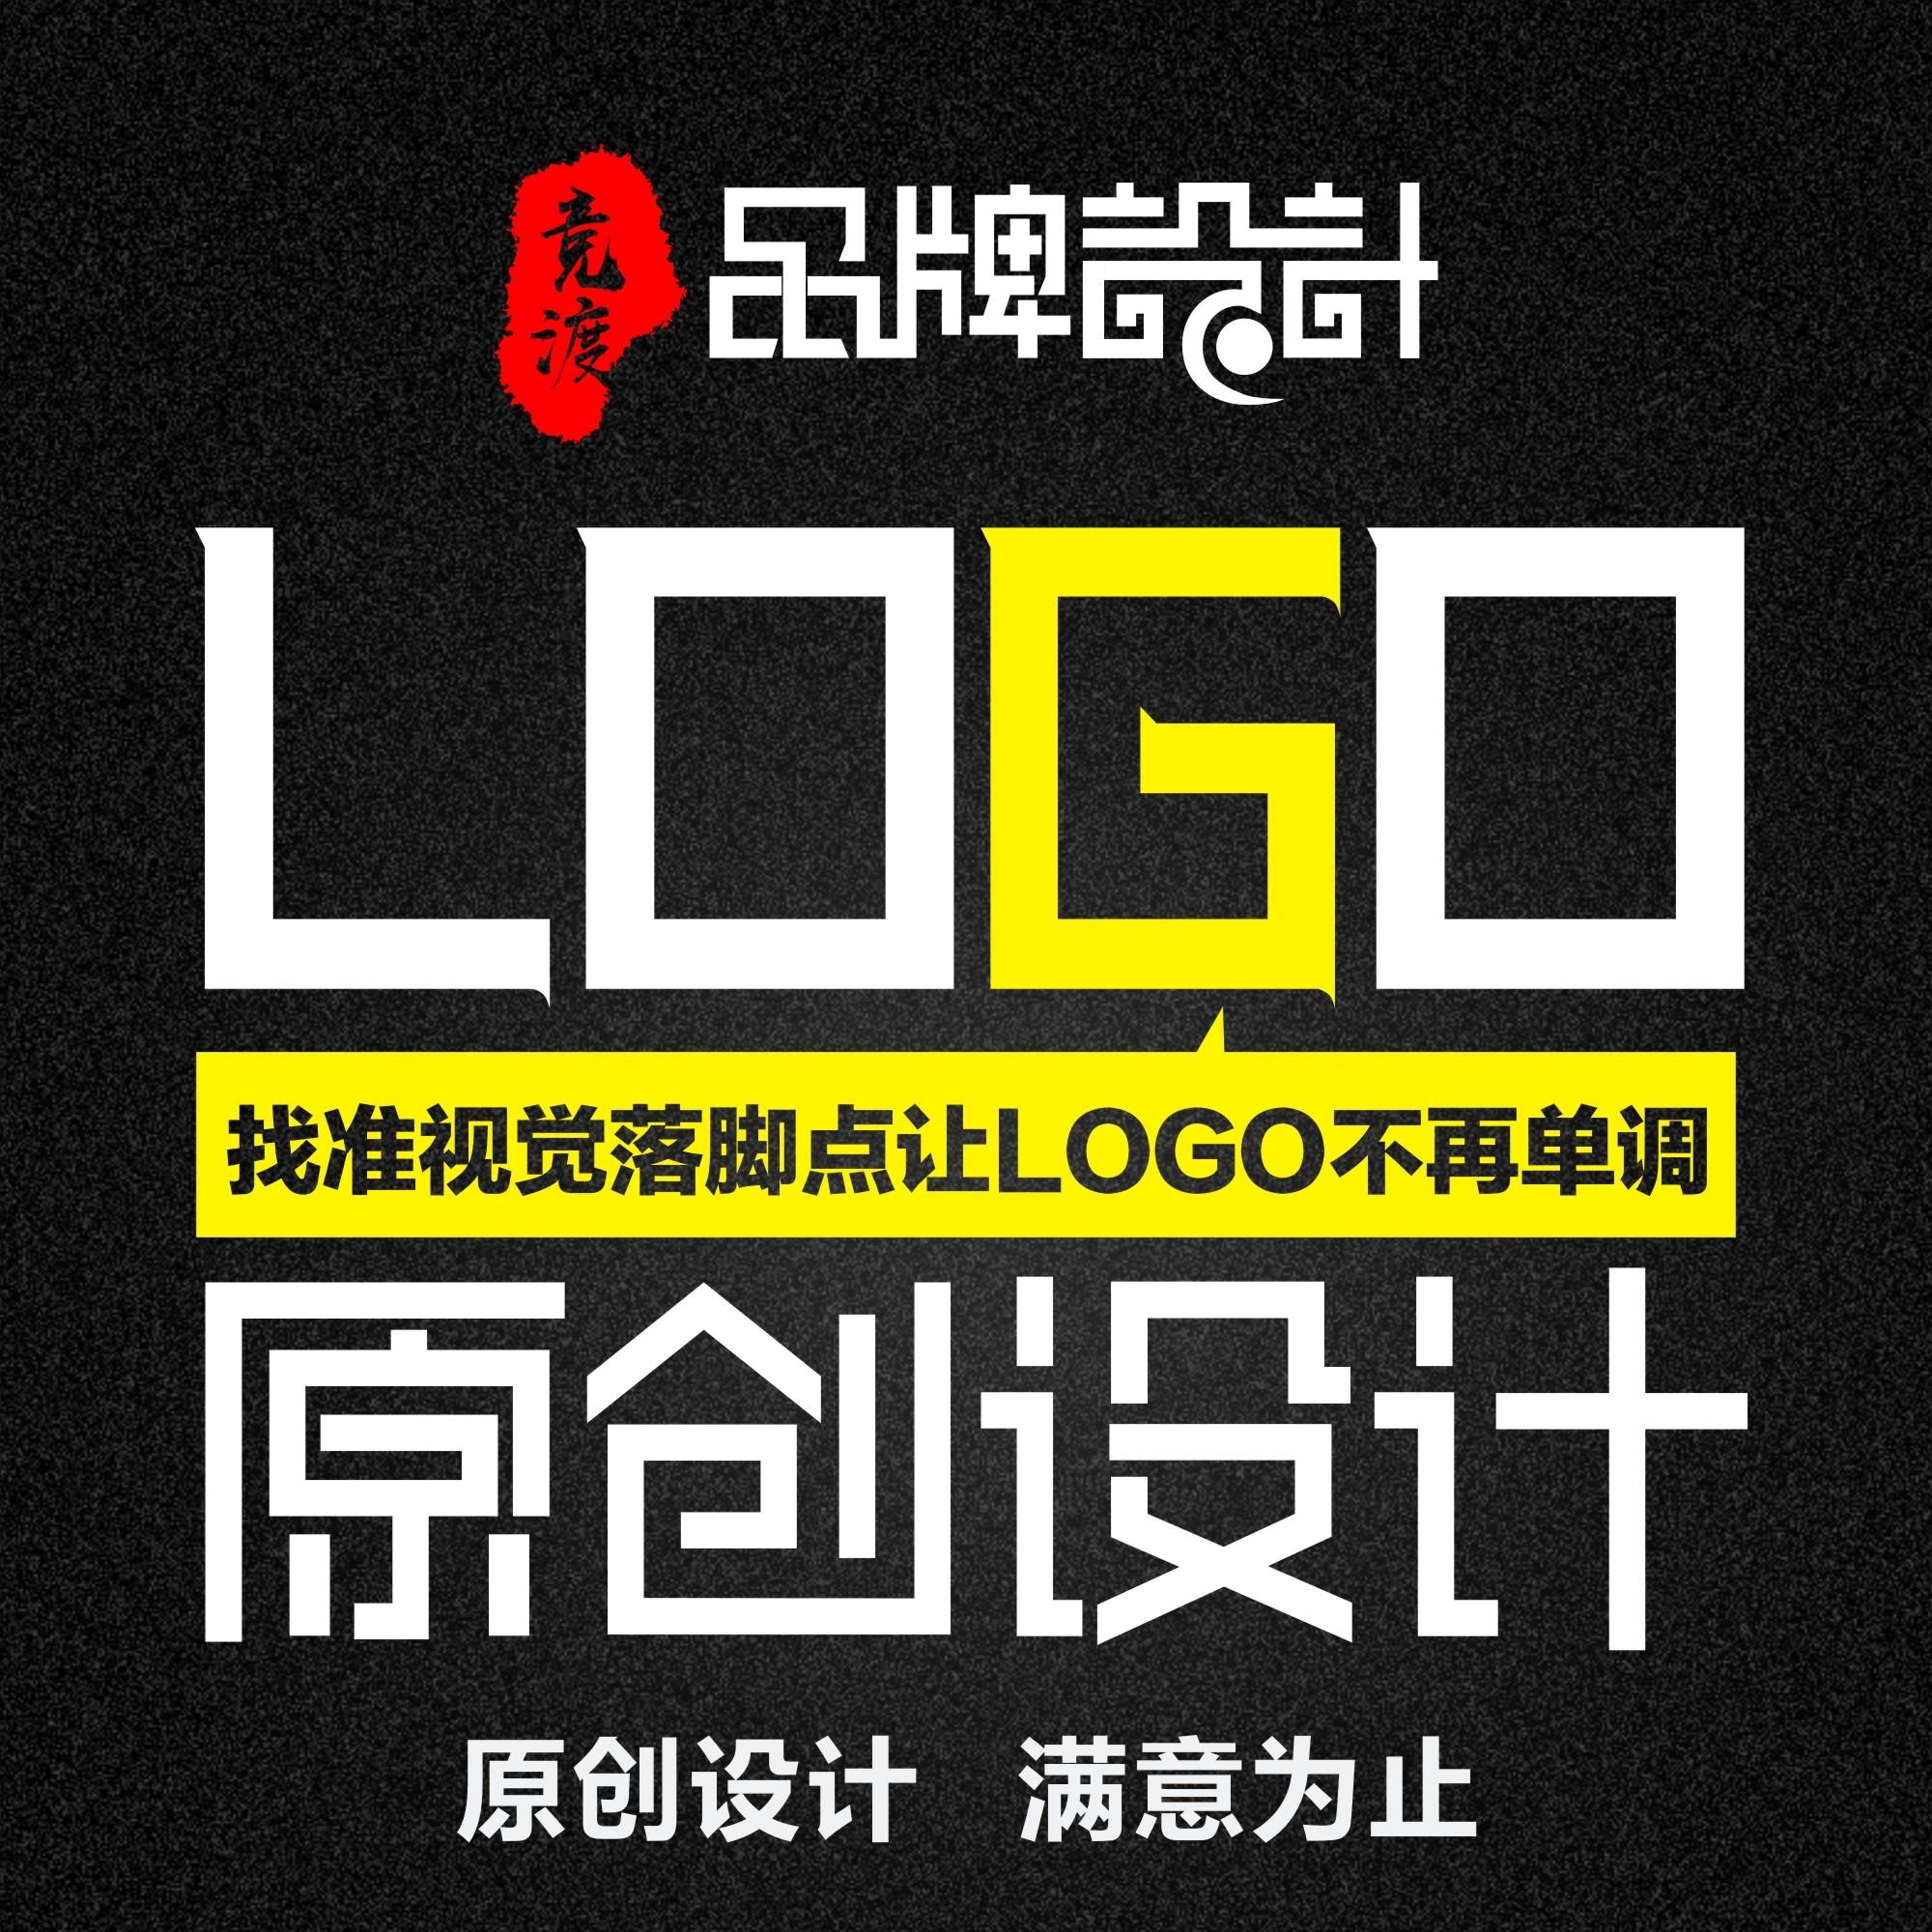 【副总监款】LOGO设计企业LOGO商标设计标志设计品牌设计